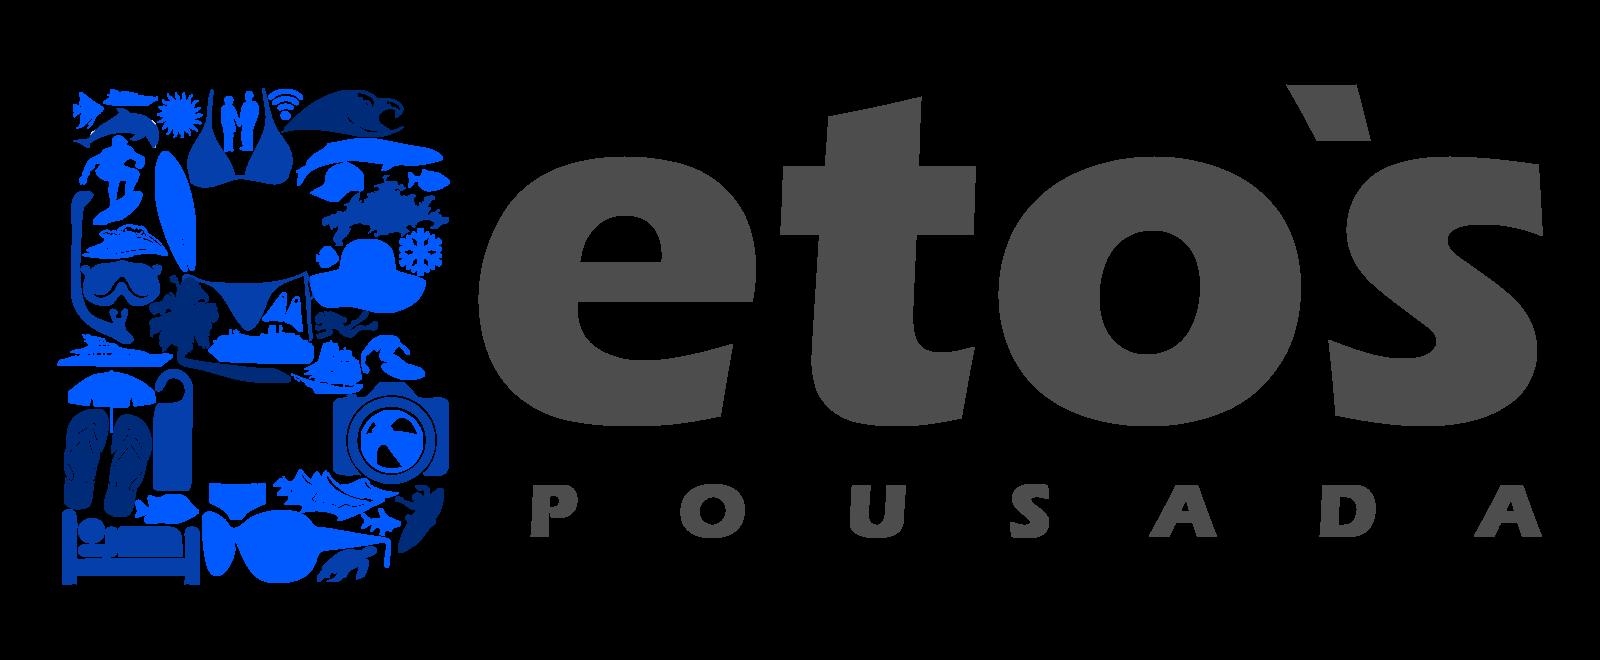 Betos Pousada Logo